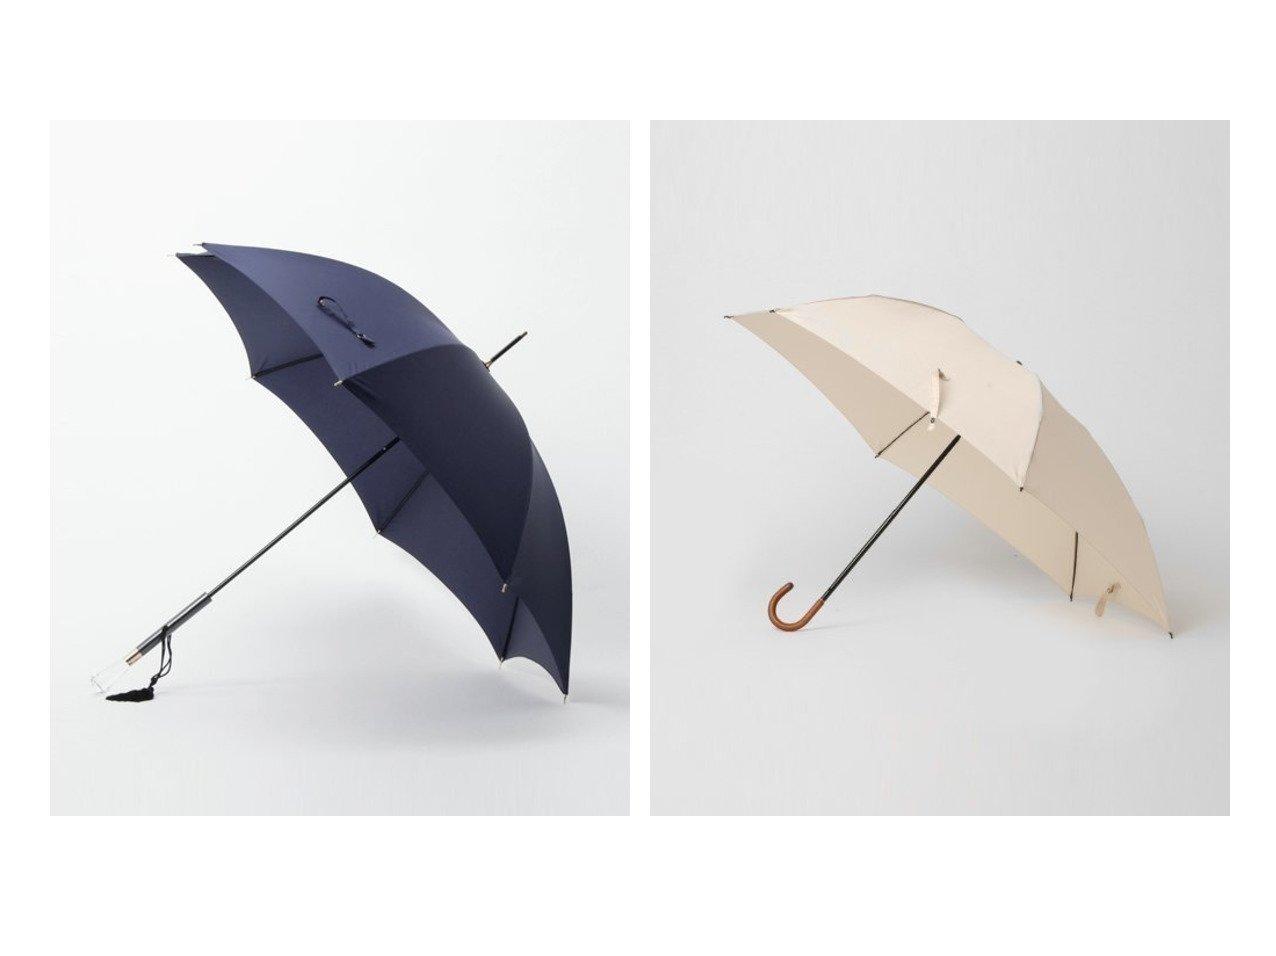 【WAKAO/ワカオ】のタッセル付き雨傘&折り畳み傘 おすすめ!人気、トレンド・レディースファッションの通販 おすすめで人気の流行・トレンド、ファッションの通販商品 メンズファッション・キッズファッション・インテリア・家具・レディースファッション・服の通販 founy(ファニー) https://founy.com/ ファッション Fashion レディースファッション WOMEN 傘 / レイングッズ Umbrellas Rainwear エレガント タッセル 傘 再入荷 Restock/Back in Stock/Re Arrival |ID:crp329100000012712